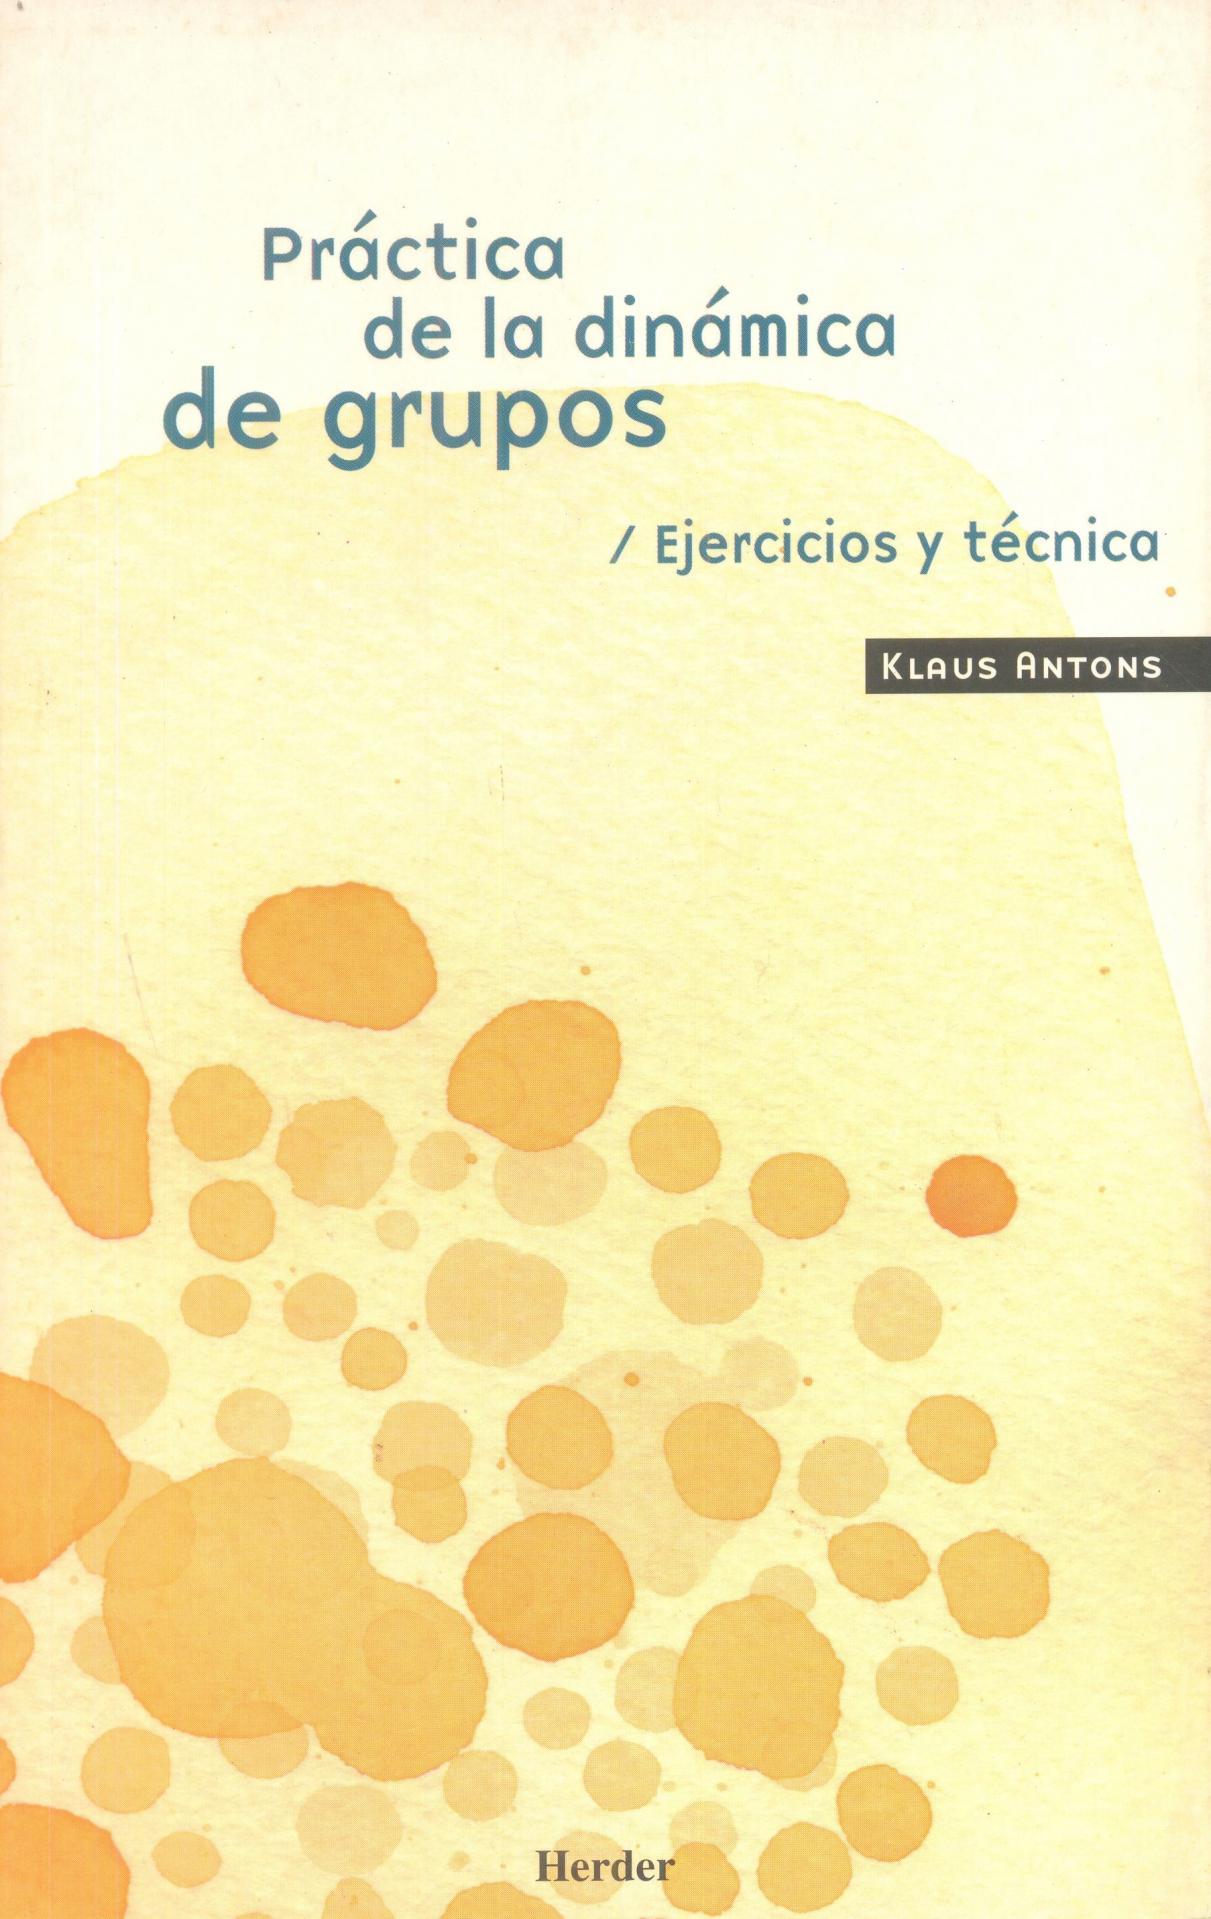 PRÁCTICA DE LA DINÁMICA DE GRUPO. Ejercicios  y técnica. Antons. K.